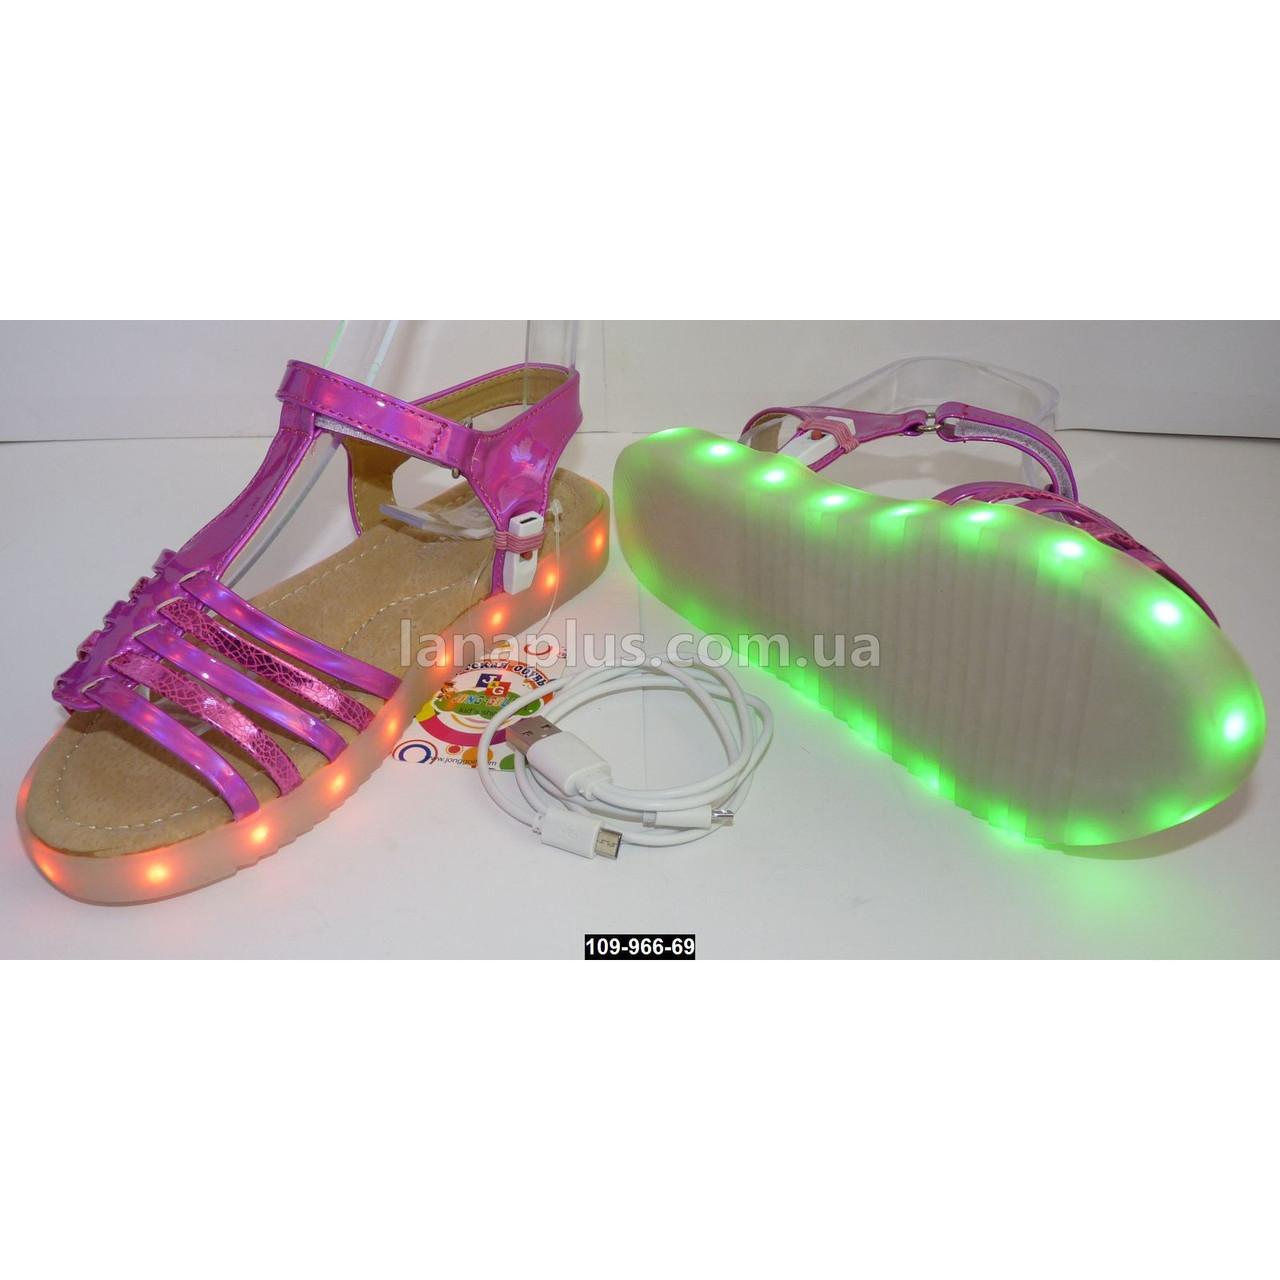 Светящиеся босоножки для девочки, 29 размер (18.2 см), 11 режимов LED подсветки, подзарядка, USB